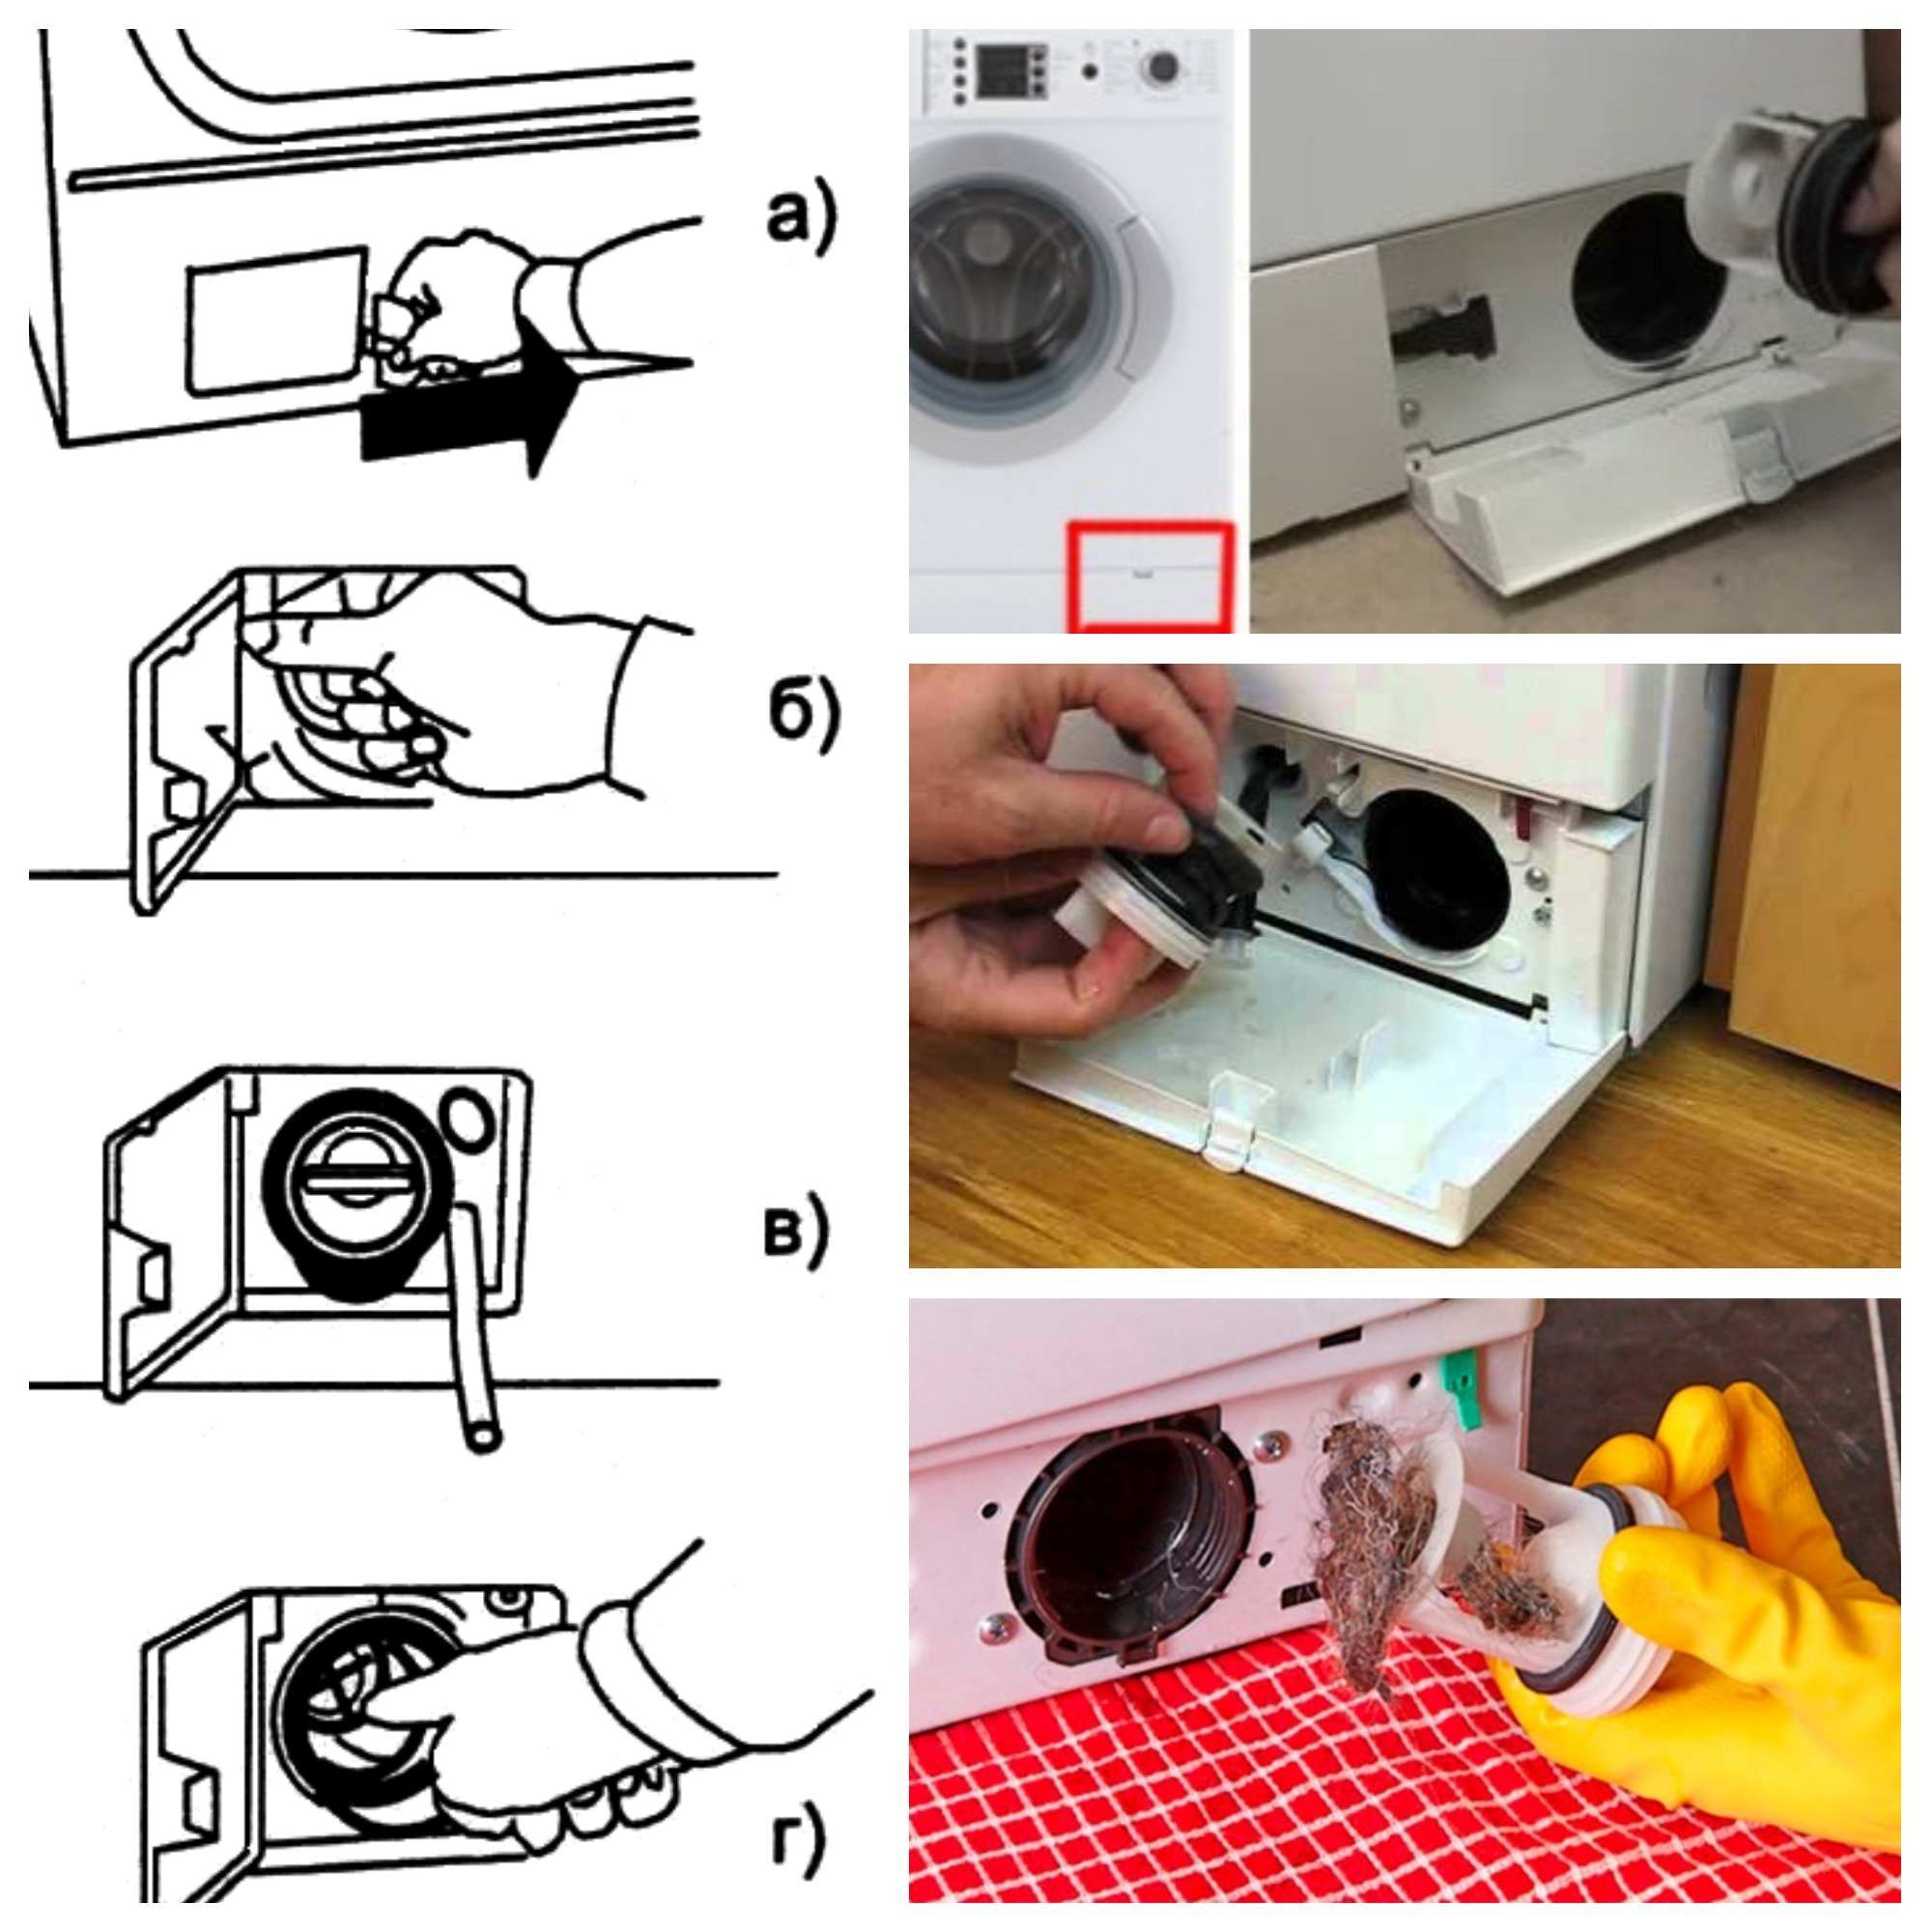 Как почистить фильтр в стиральной машине? зачем нужна чистка сливного фильтра? где он находится и как его вытащить? как открыть и прочистить?